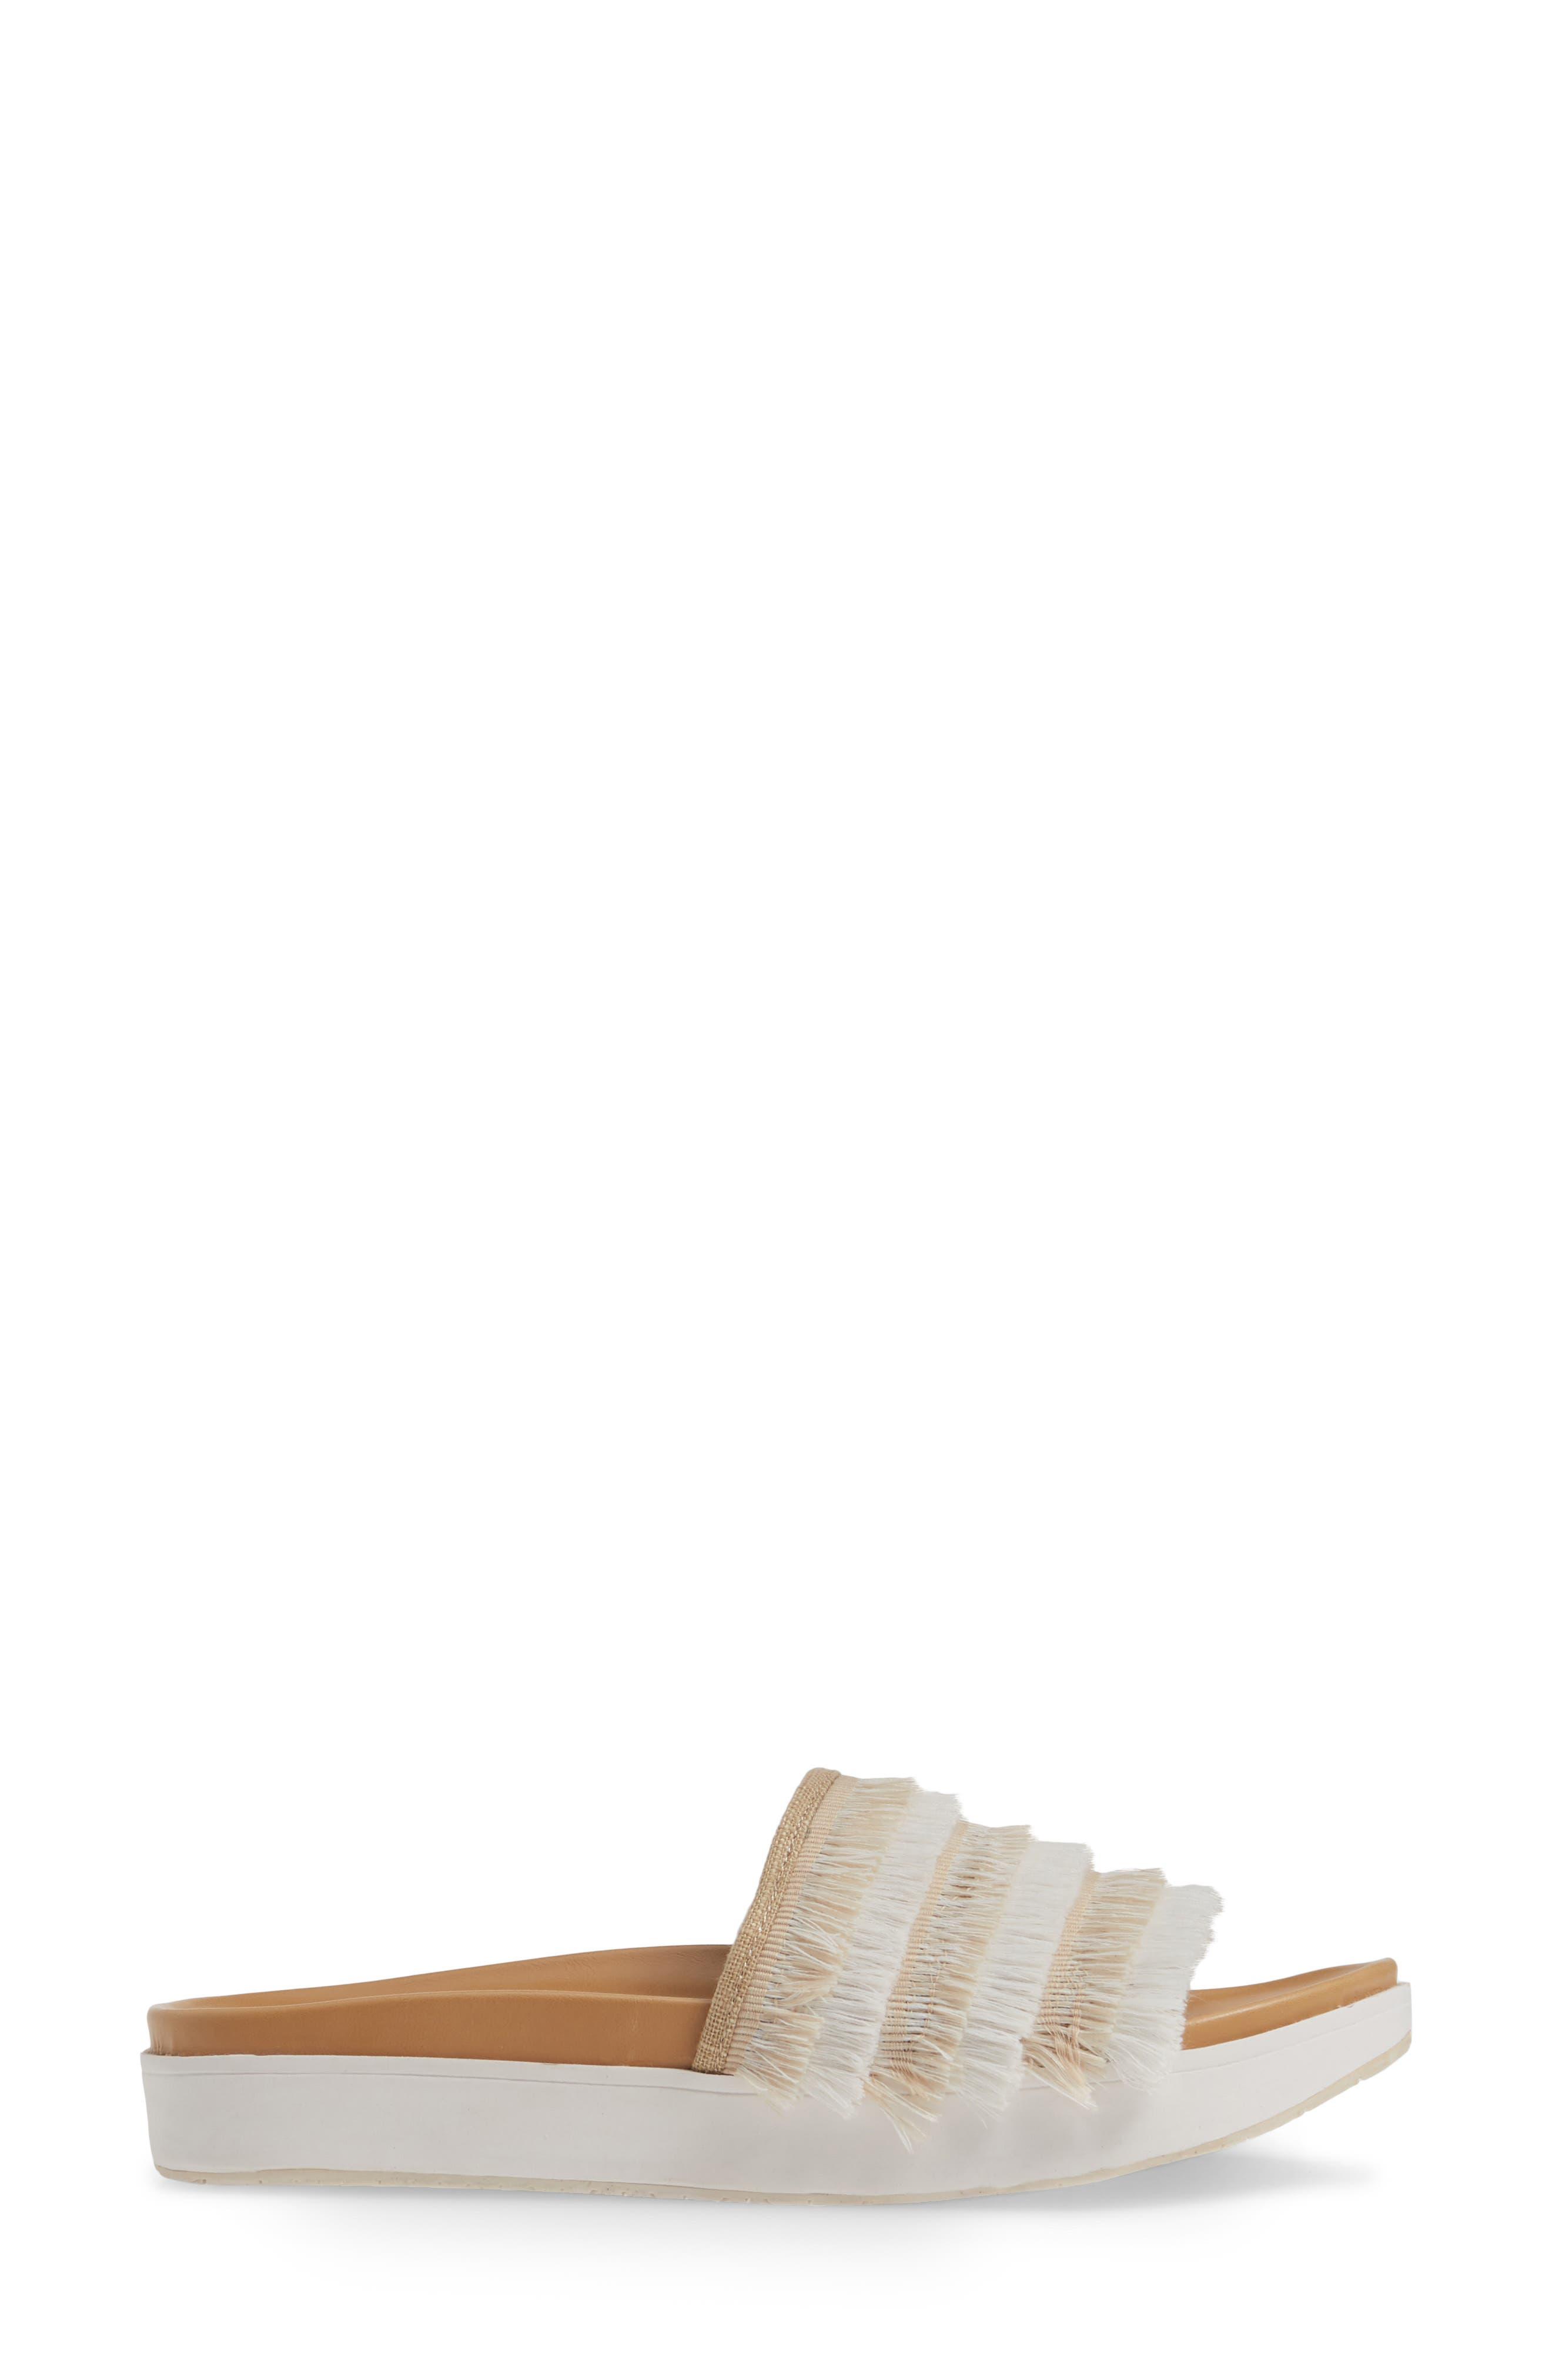 MINNETONKA, x Lottie Moss Ashlynn Fringe Slide Sandal, Alternate thumbnail 3, color, TAUPE